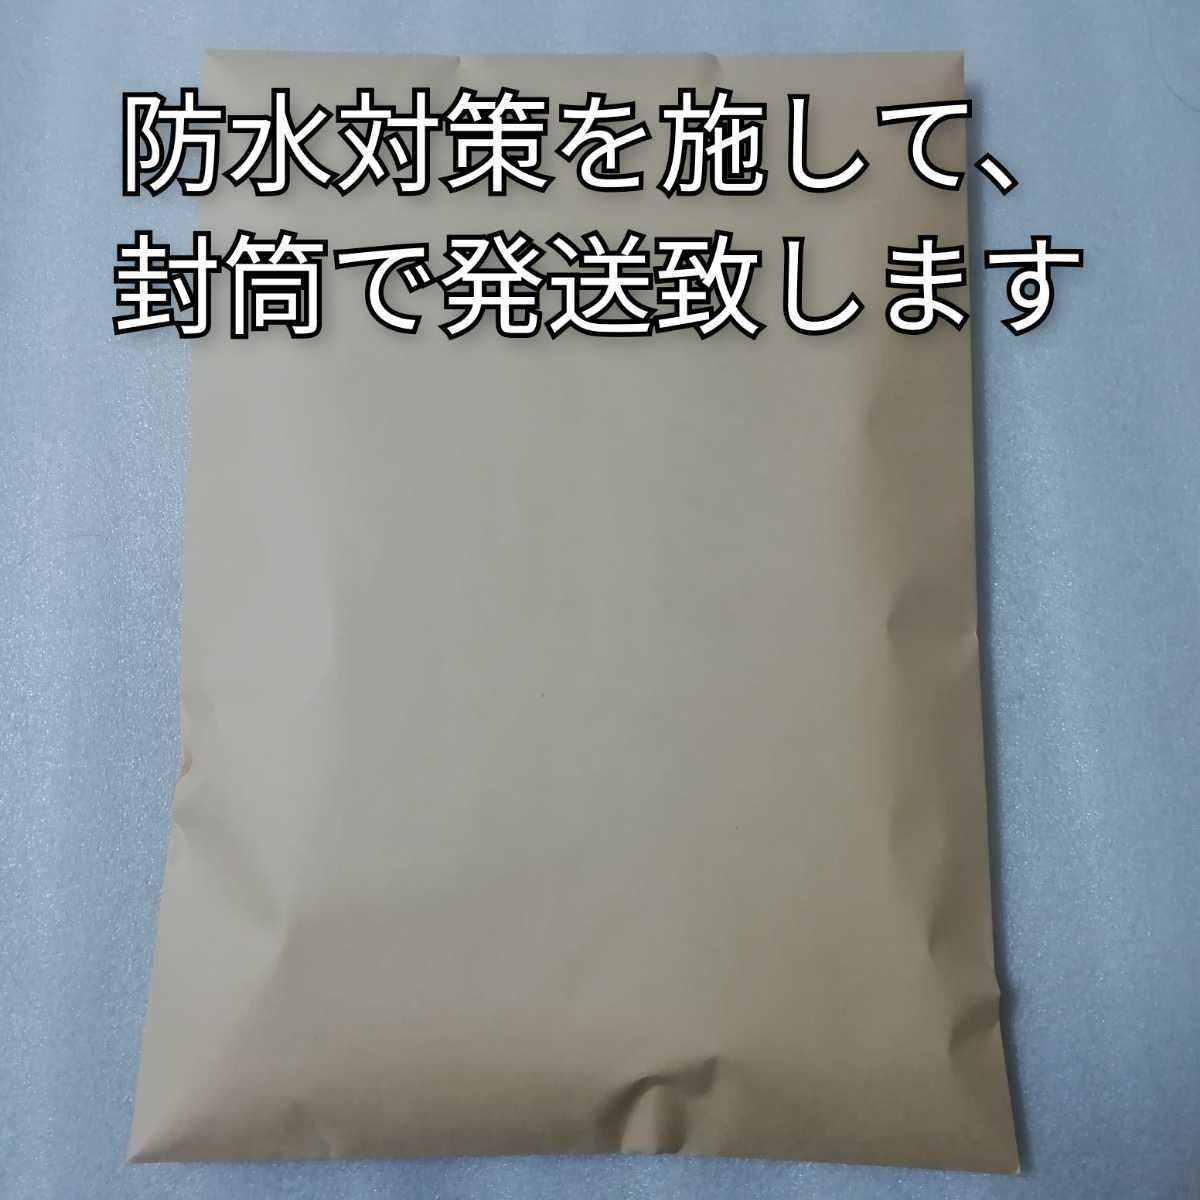 ブレンドフォルテシモ 20袋 澤井珈琲 ドリップコーヒー 通販 ③ 送料無料_画像2